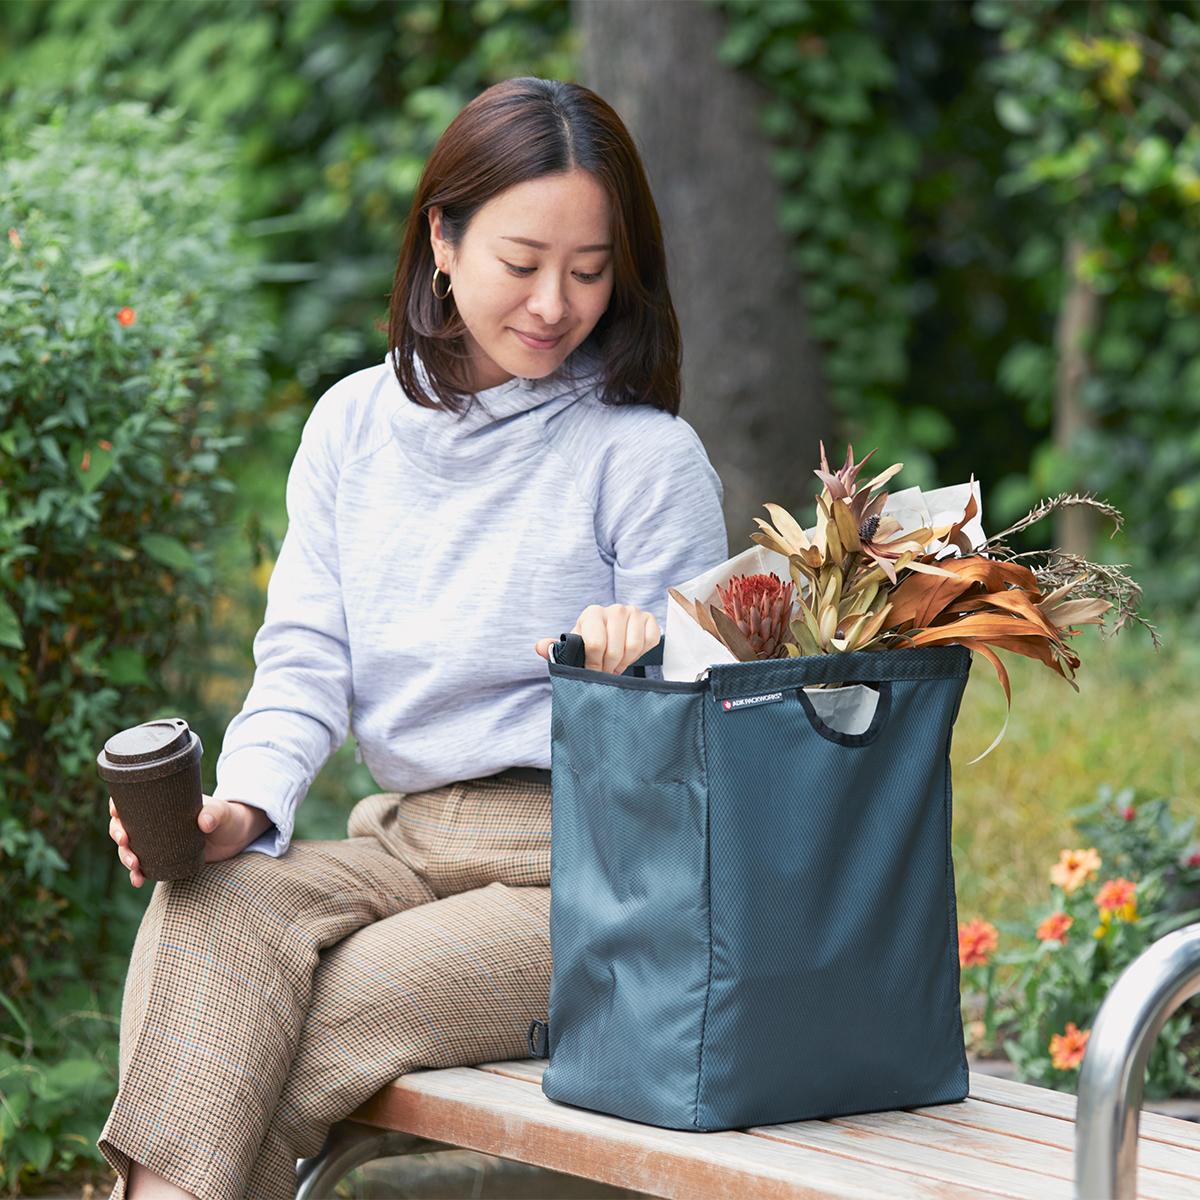 週末、スーパーでのまとめ買いを、劇的にラクにしてくれる。たためる金属フレーム入り!自立するから、柔らかいパンや葉物野菜、花を潰さない「箱型エコバッグ」|ADK Packworks